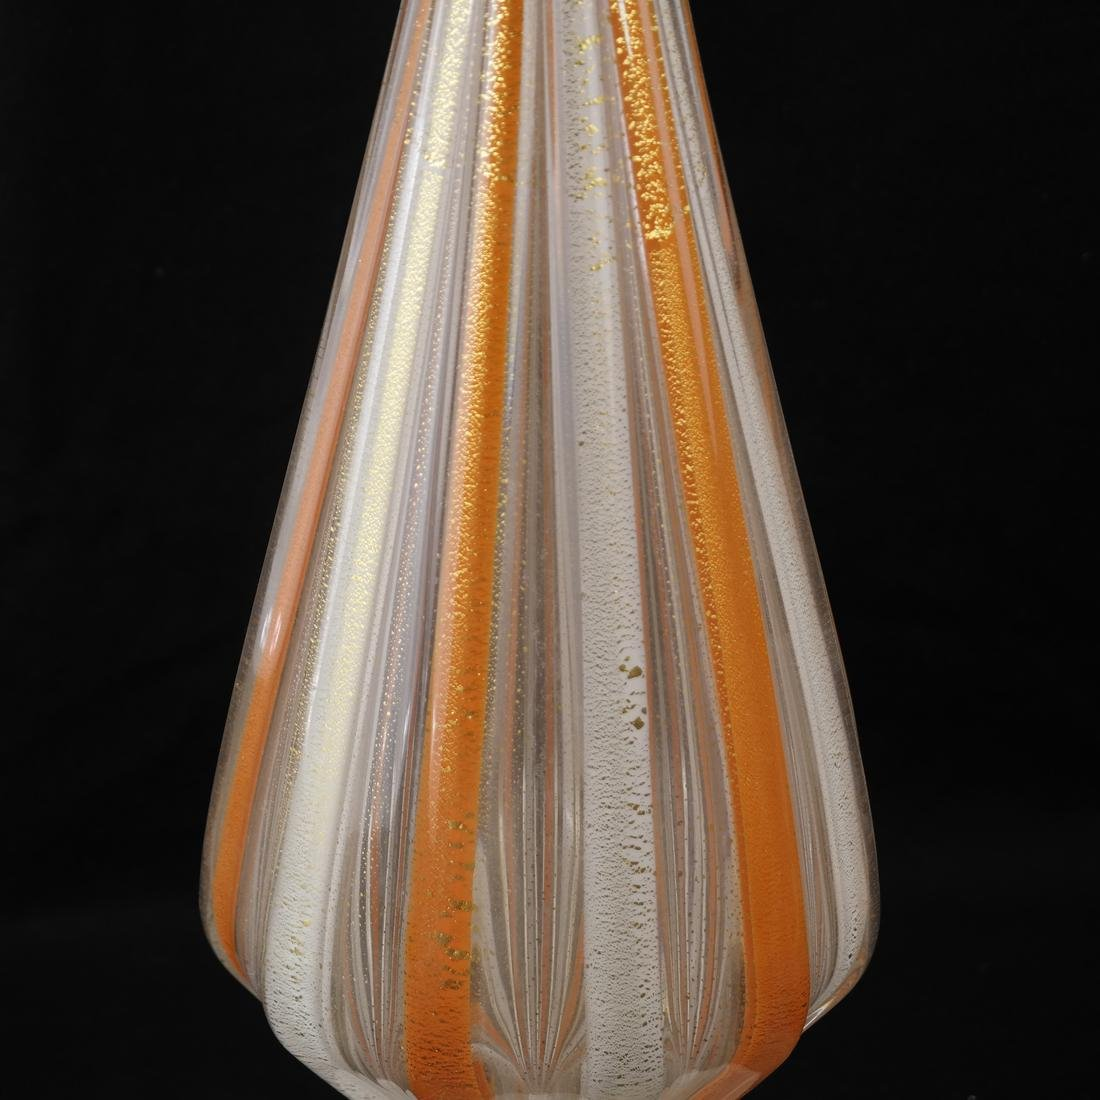 Venini-Style Glass Decanter & Stopper - 3